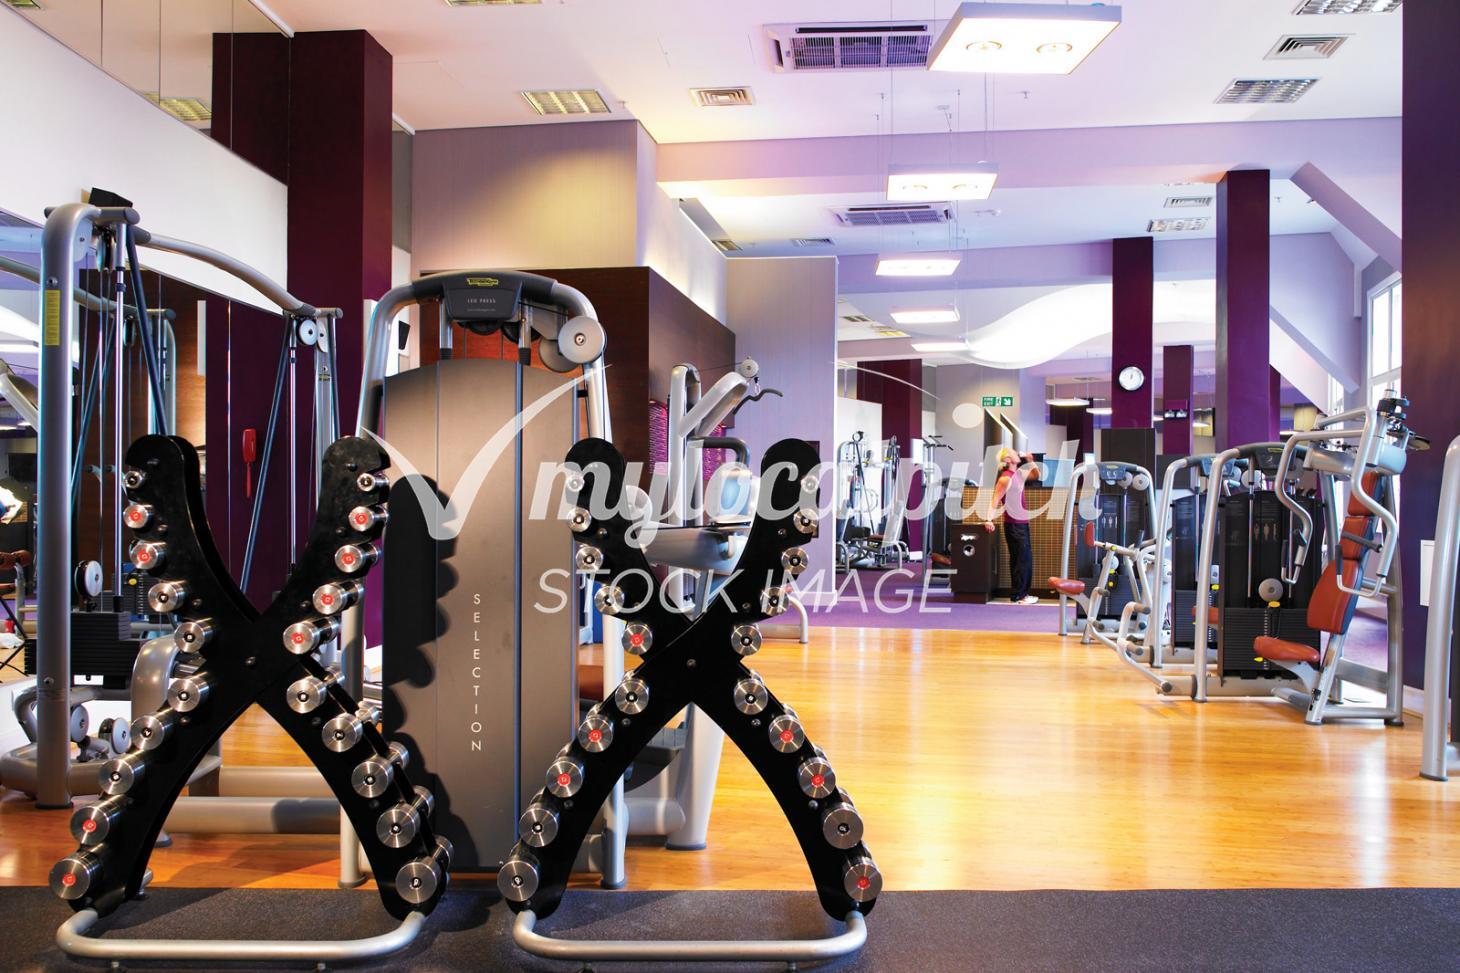 Christophers Squash Club Gym gym